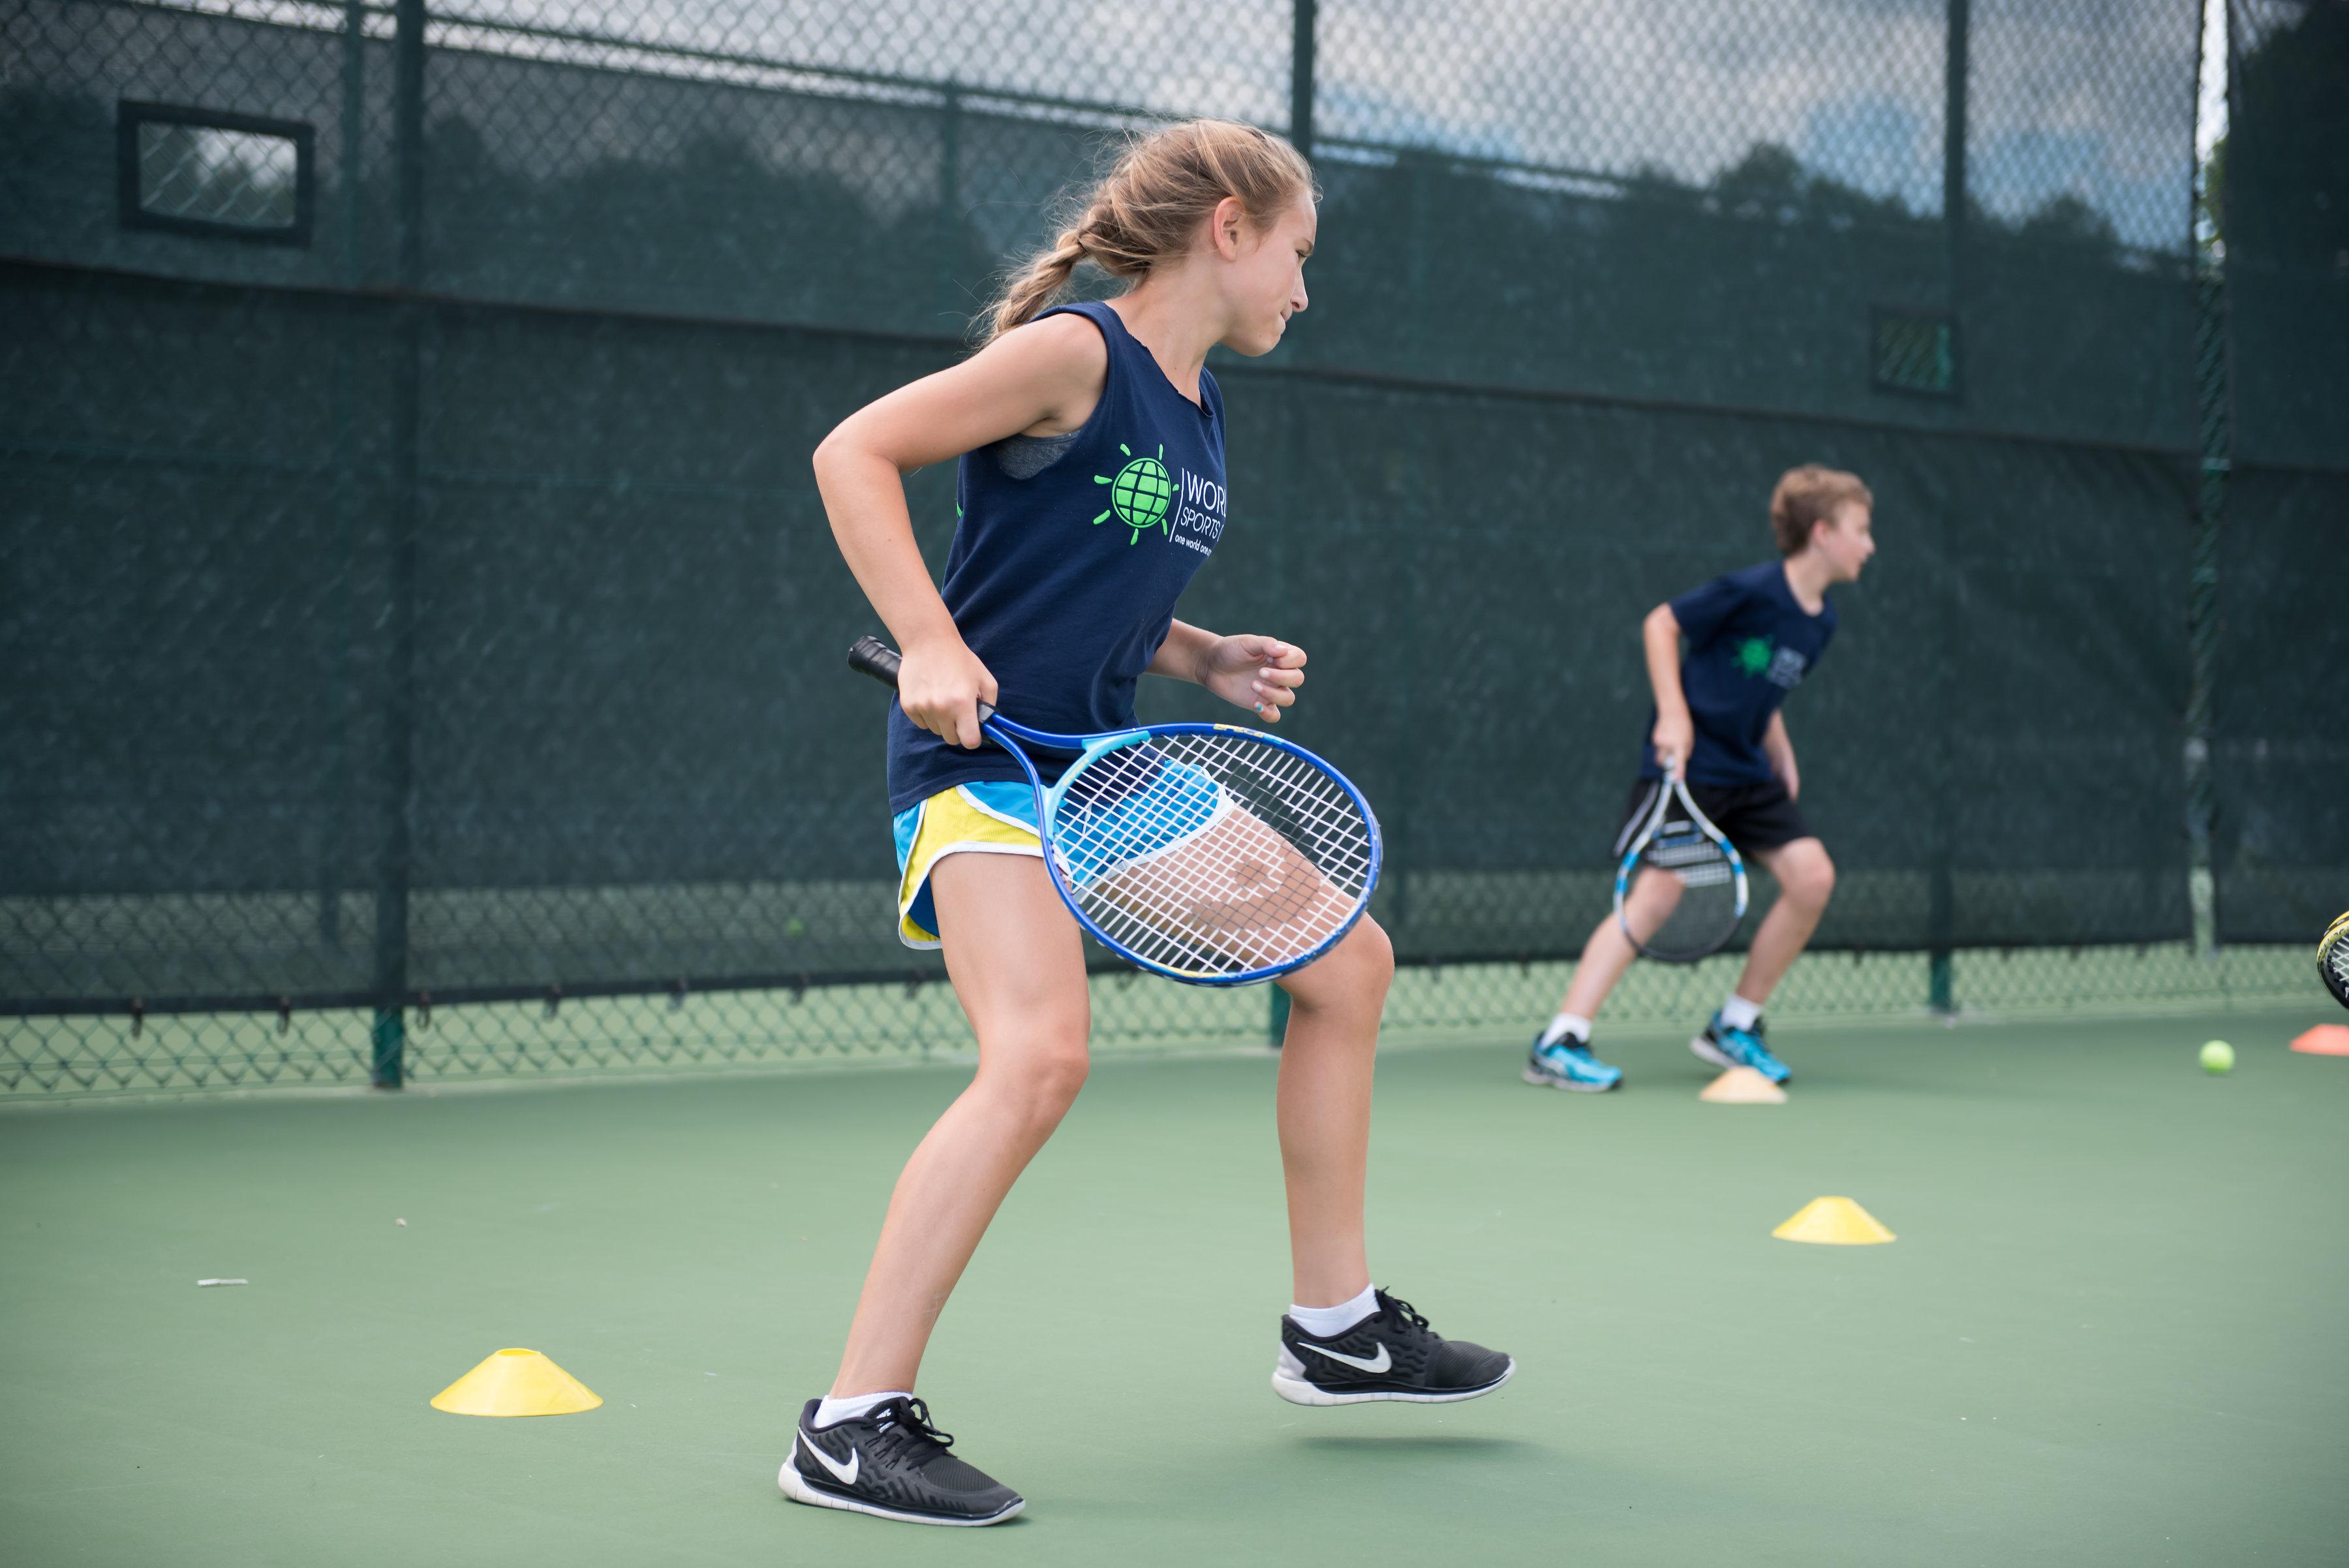 Campamento de tennis